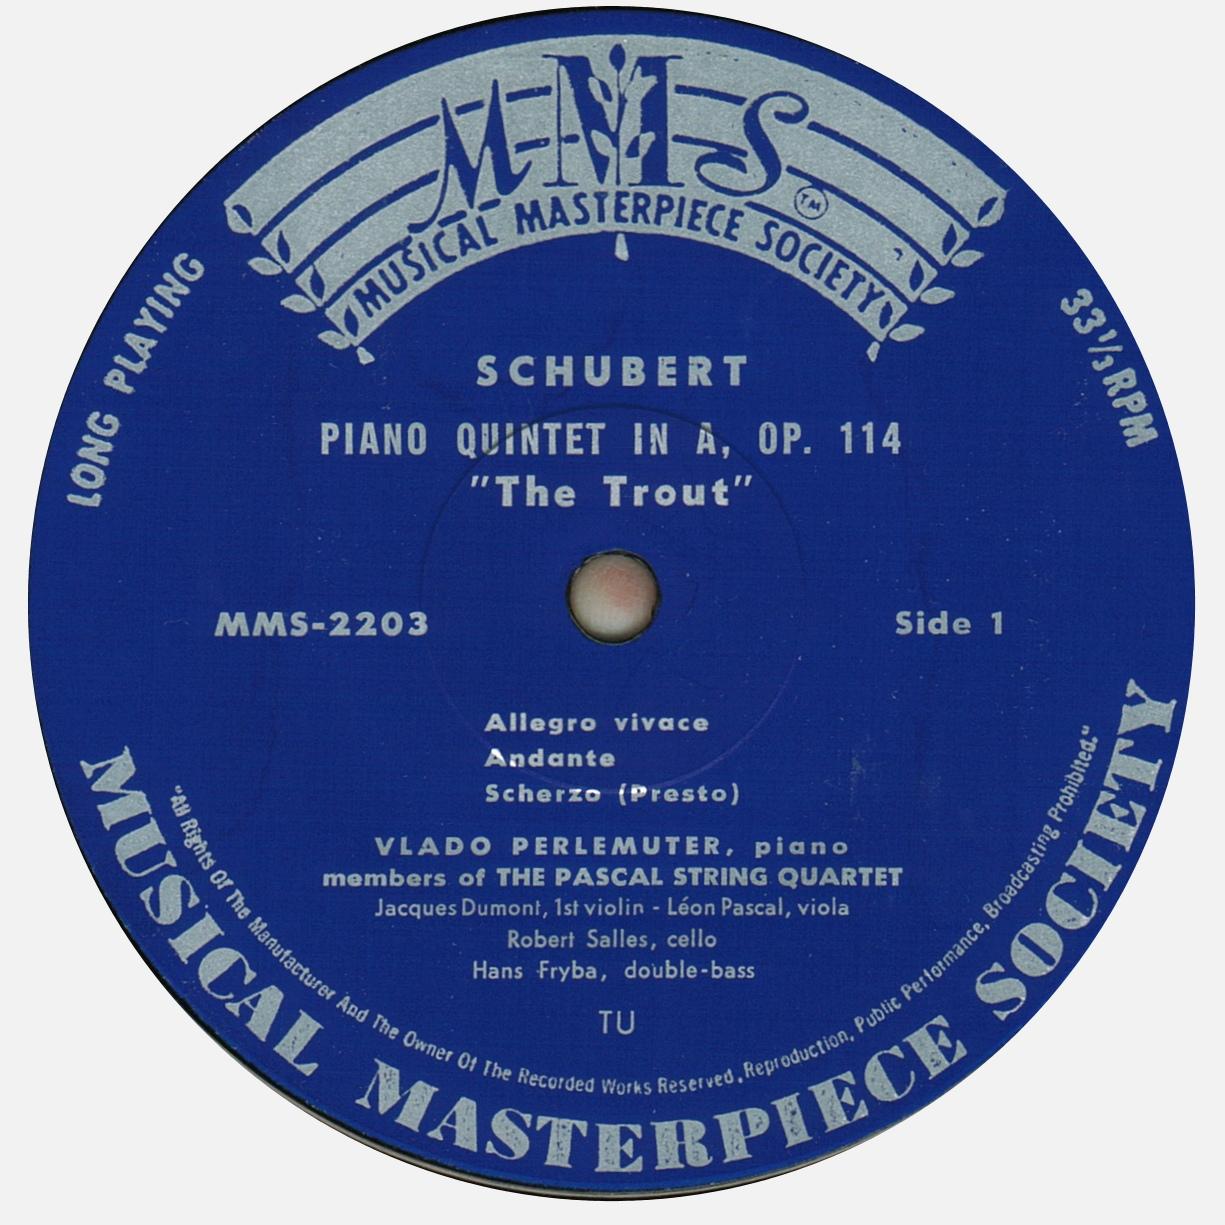 Étiquette recto du disque MMS-2003 de la Musical Masterpiece Society, gravé et pressé chez Turicaphon (http://www.turicaphon.ch/), Cliquer sur la photo pour une vue agrandie et quelques infos